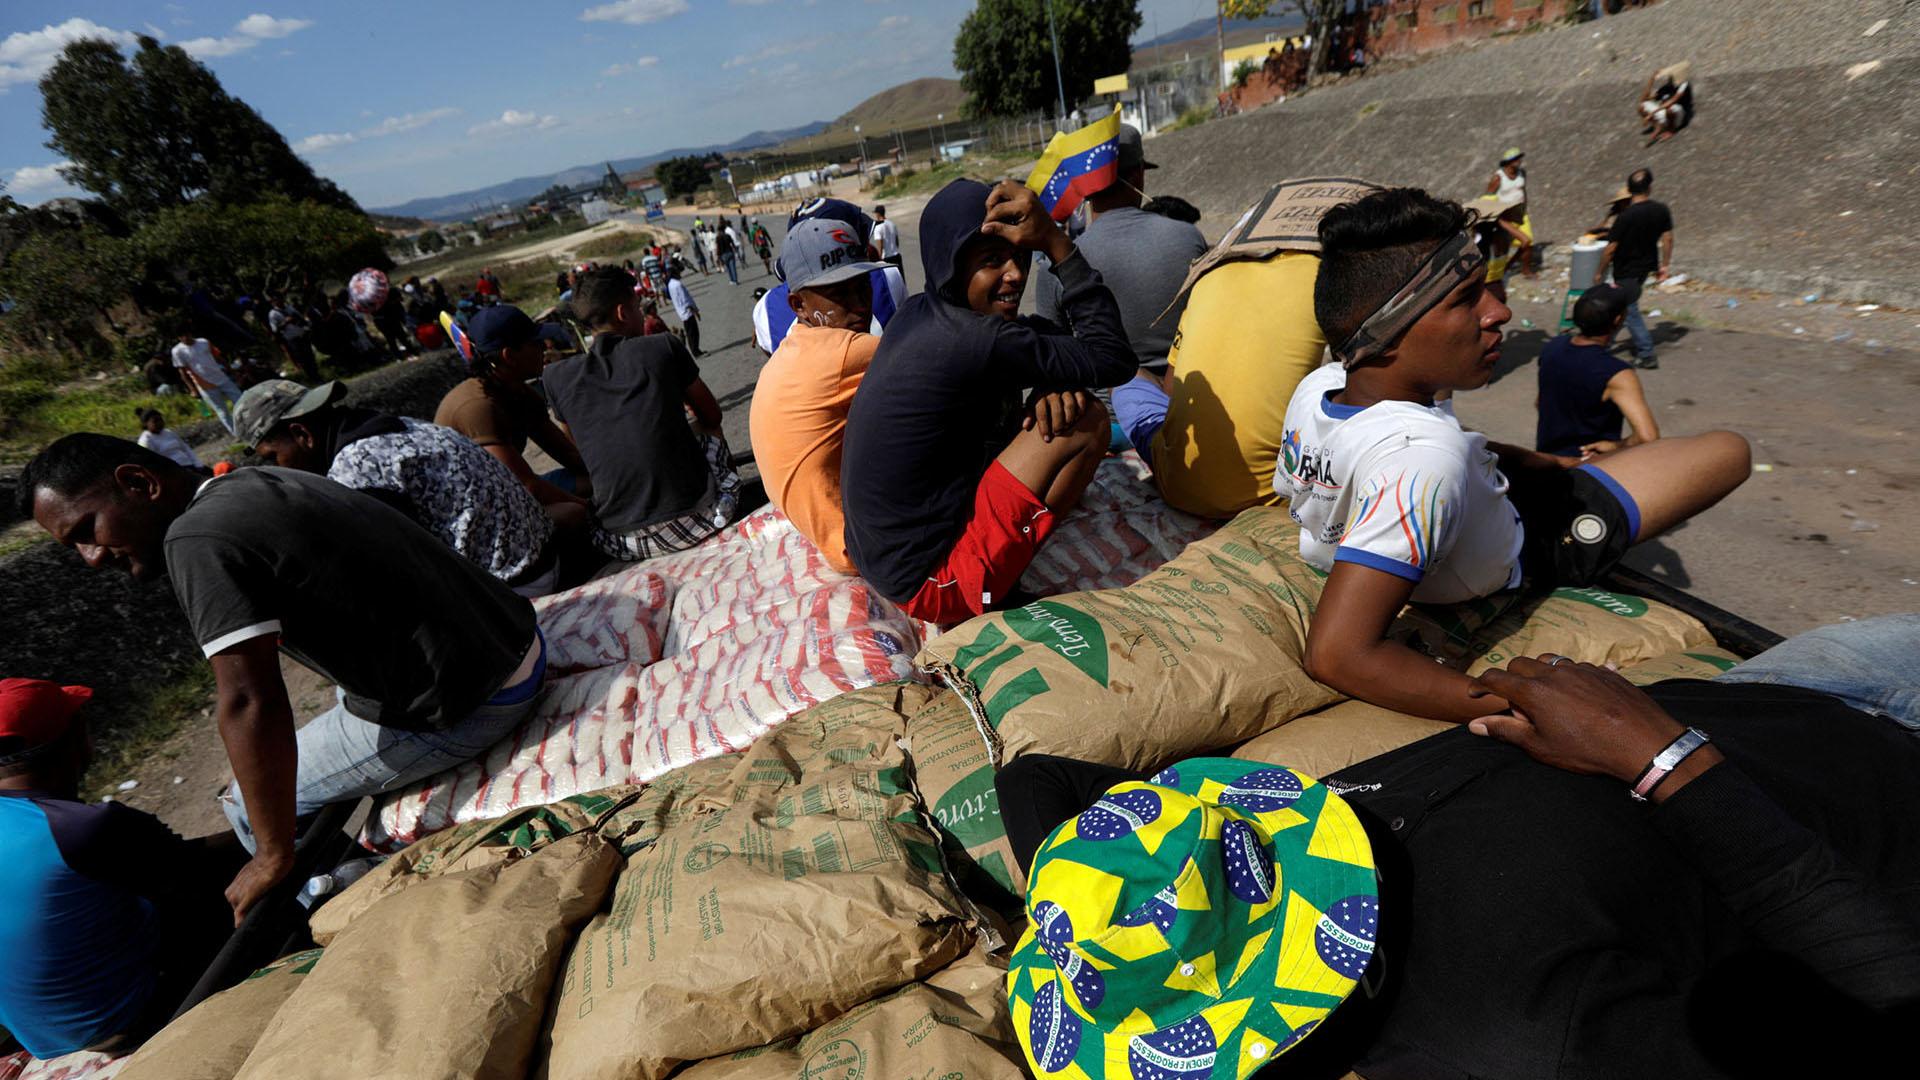 Los voluntarios descansan en un camión que lleva ayuda humanitaria mientras cruza a Venezuela desde Brasil (Reuters)